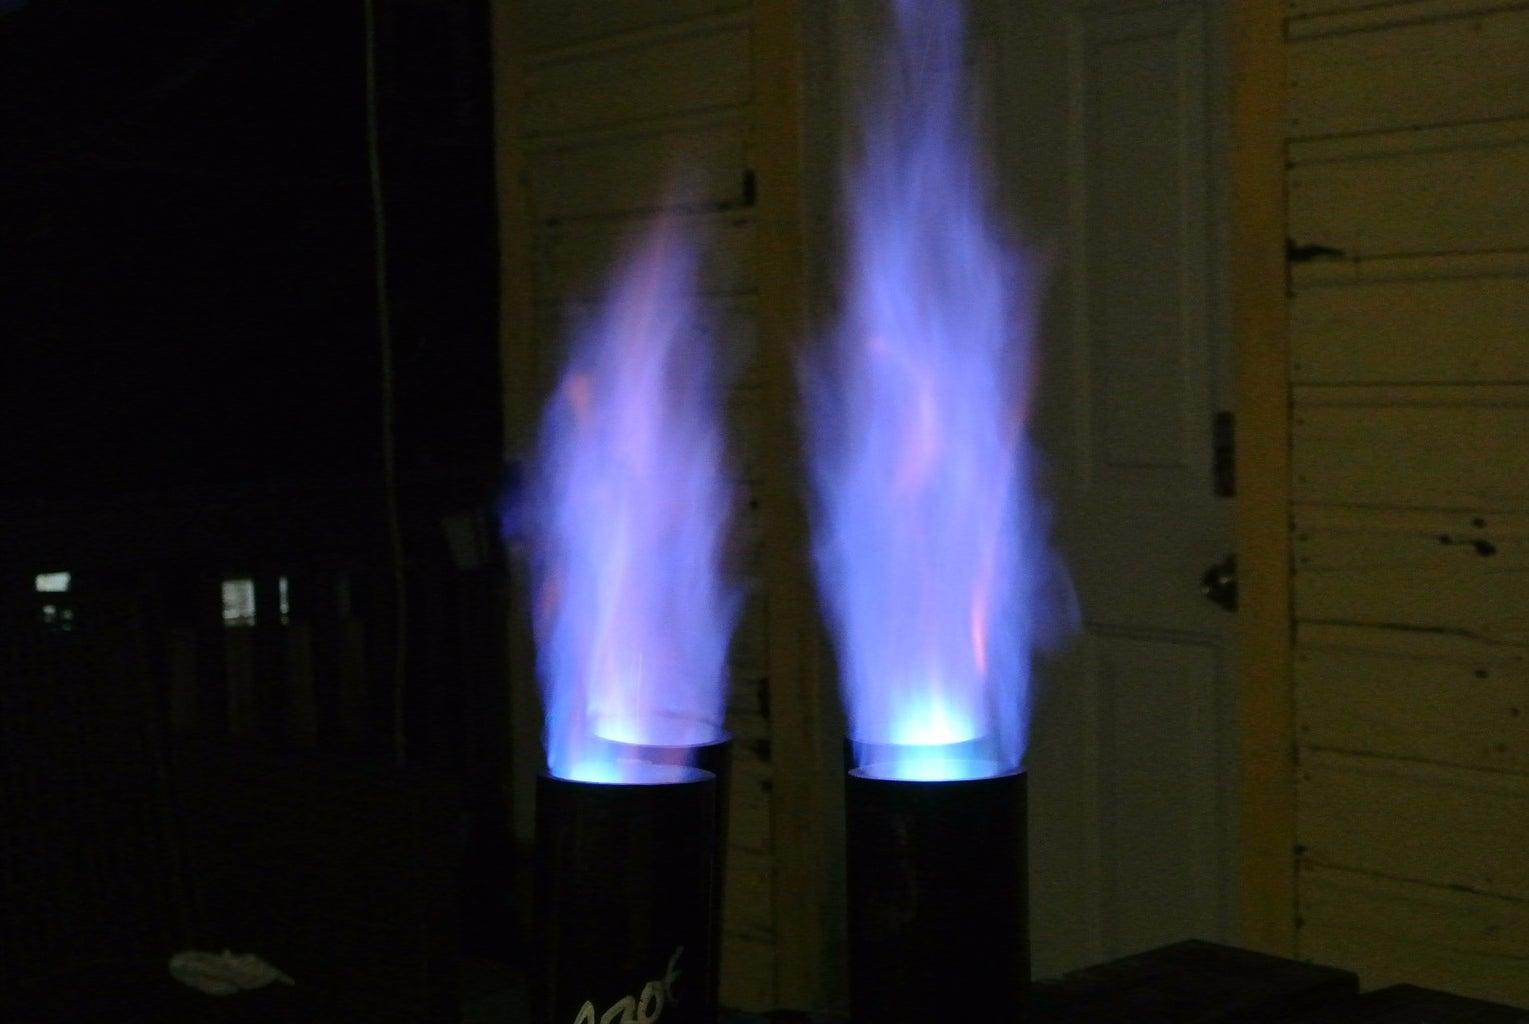 Make a Super Sized Jet Burner - Wok Cooking, Seafood Boils, Home Brewing